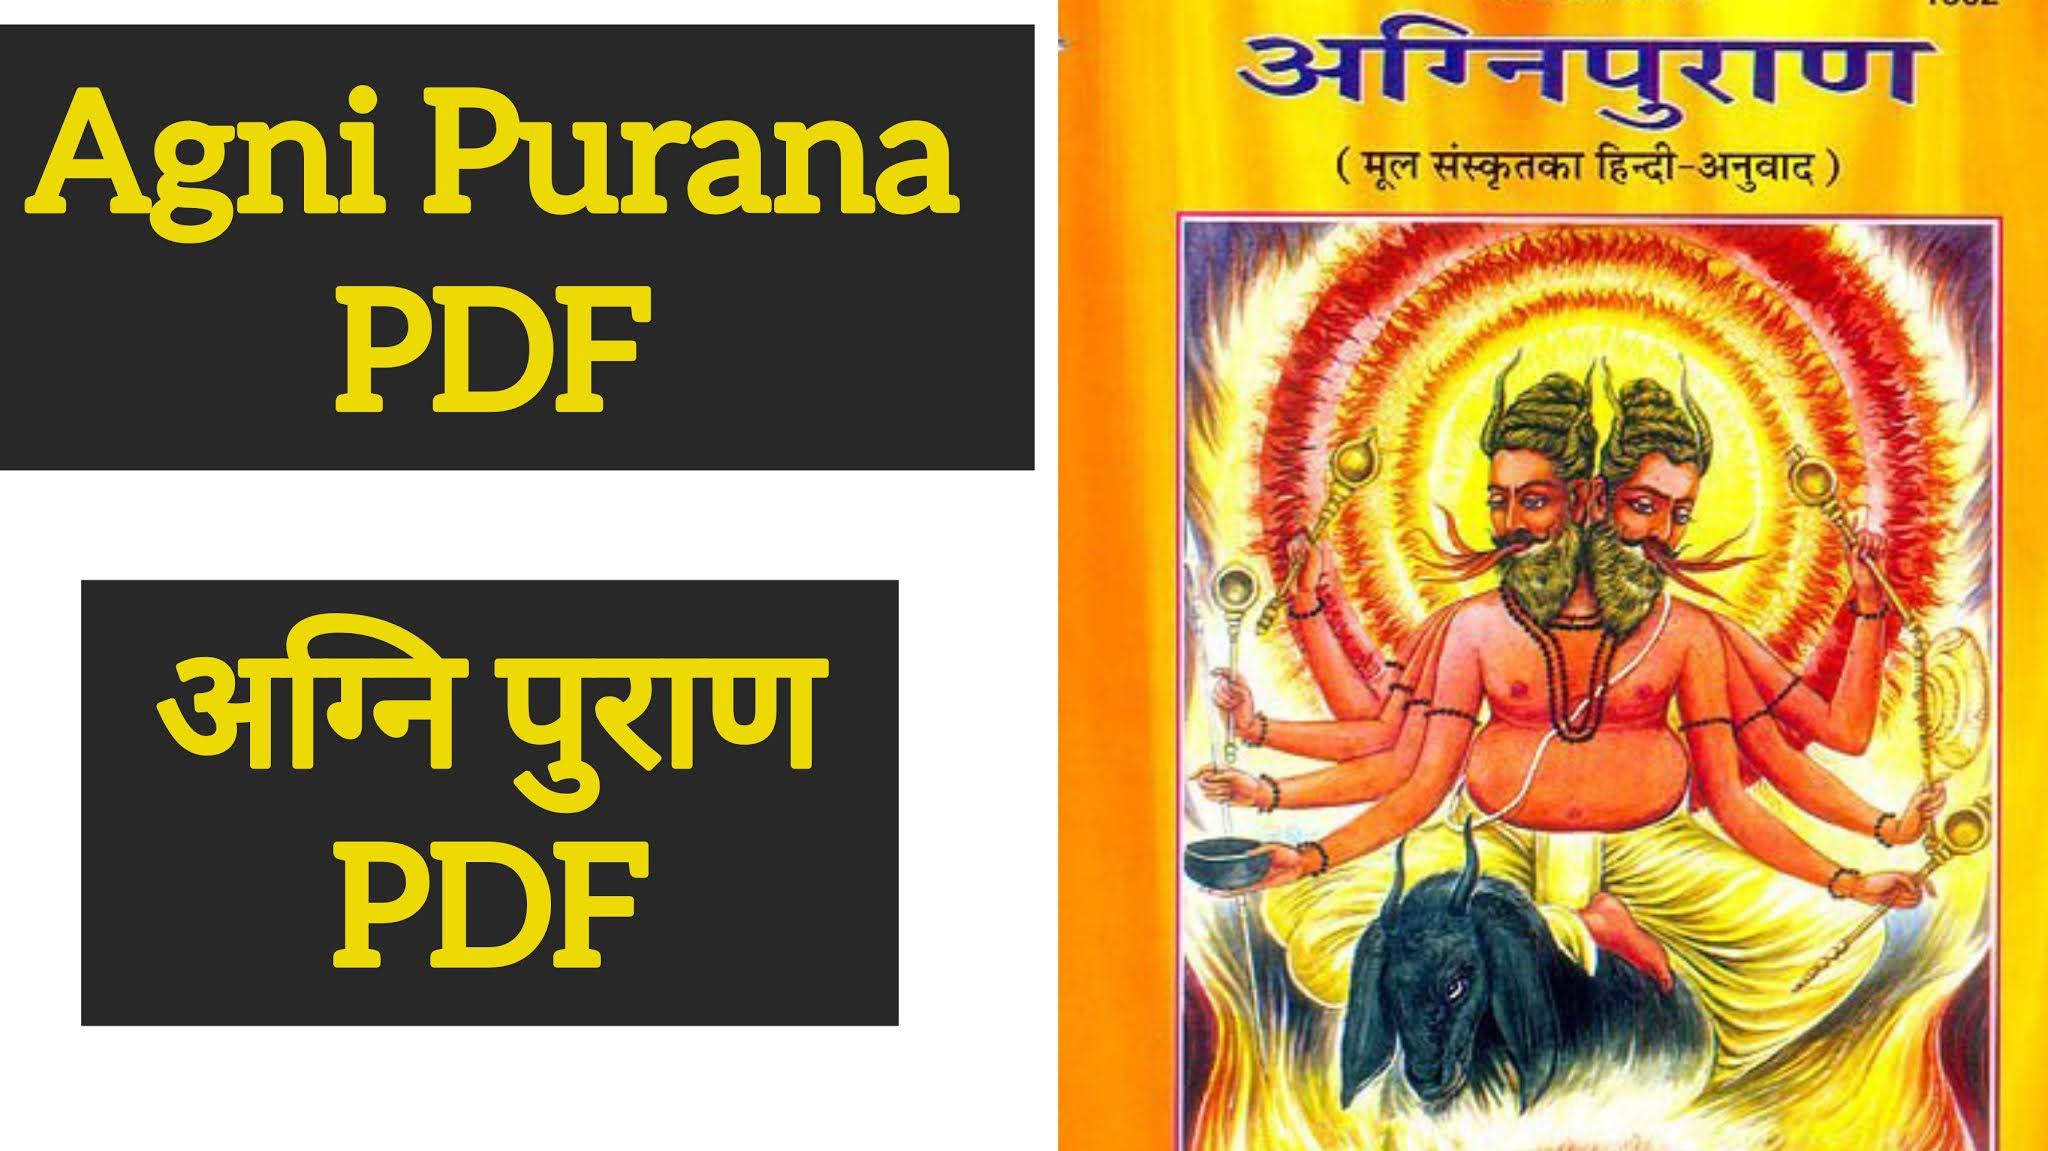 Agni Purana PDF